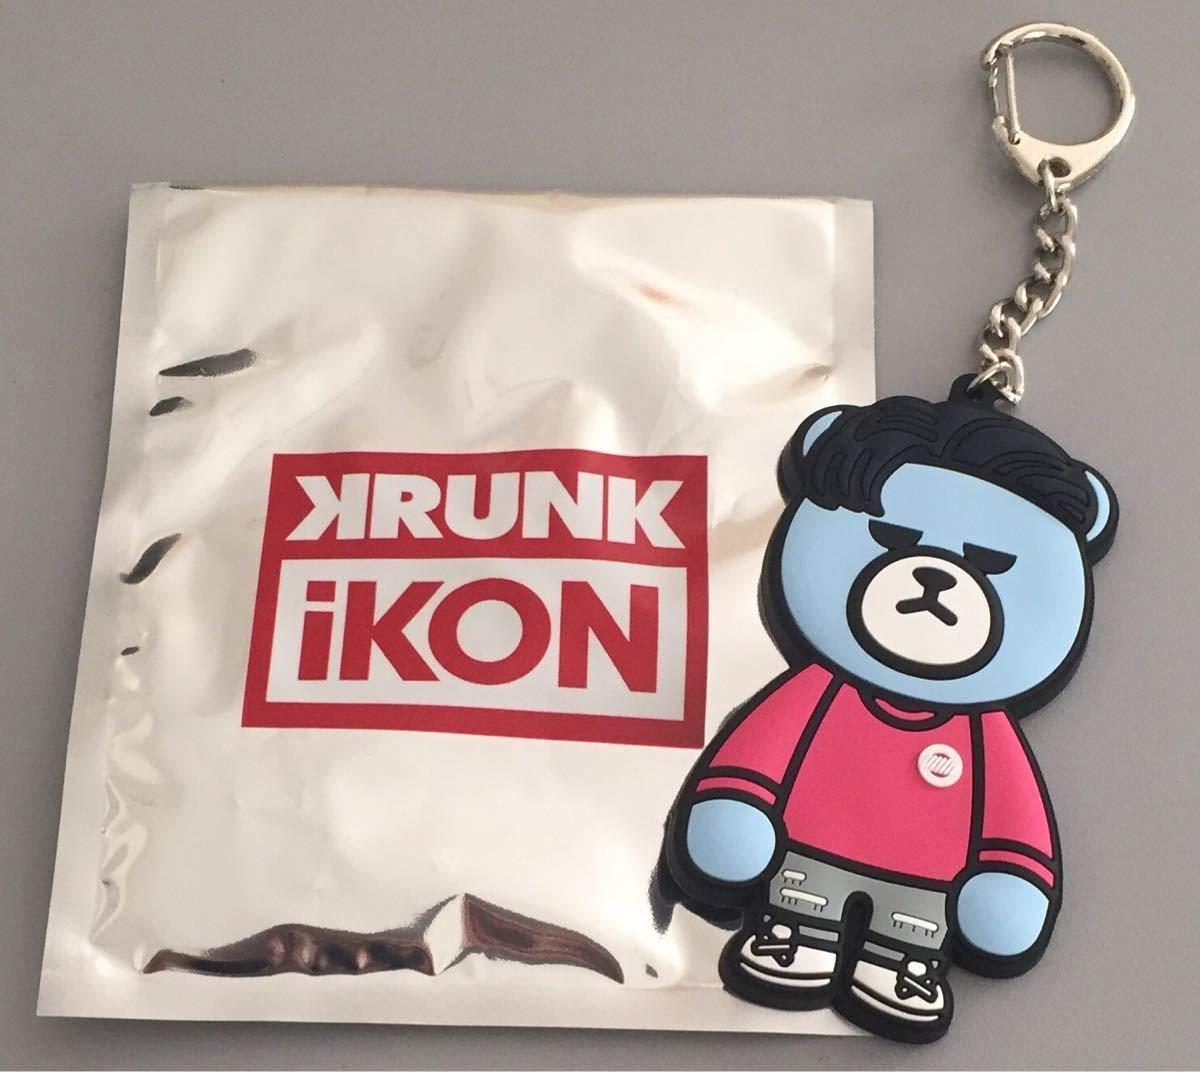 手数料安い iKON グッズ JAPAN ジュネ TOUR 2018 グッズ KRUNK×iKON キーホルダー ジュネ KRUNK×iKON JU-NE B07PXLDFPR, H.T.G.:b721eb18 --- a0267596.xsph.ru